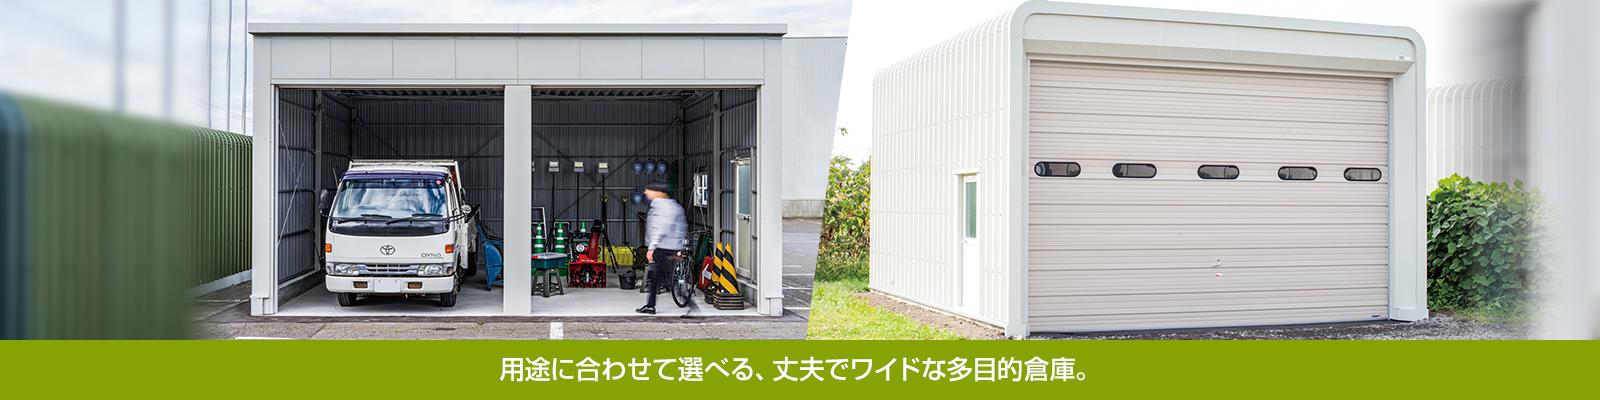 丈夫でワイド。特注仕様も可能で、広い庫内を有効活用。